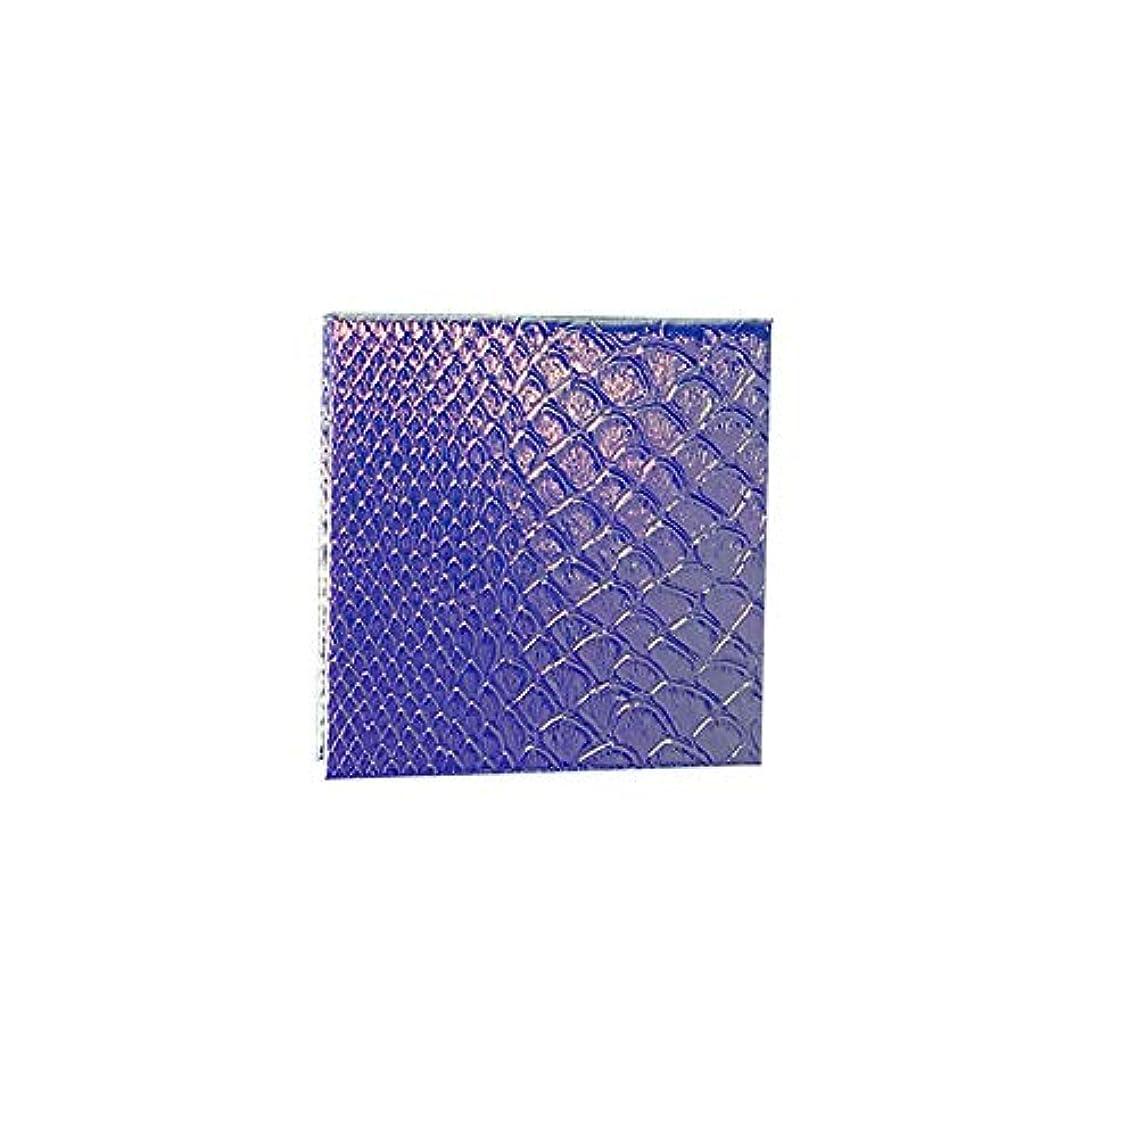 暗黙バラ色バッジ空の化粧アイシャドーパレット磁気空パレット接着剤空のパレット金属ステッカー空のパレットキット(S)